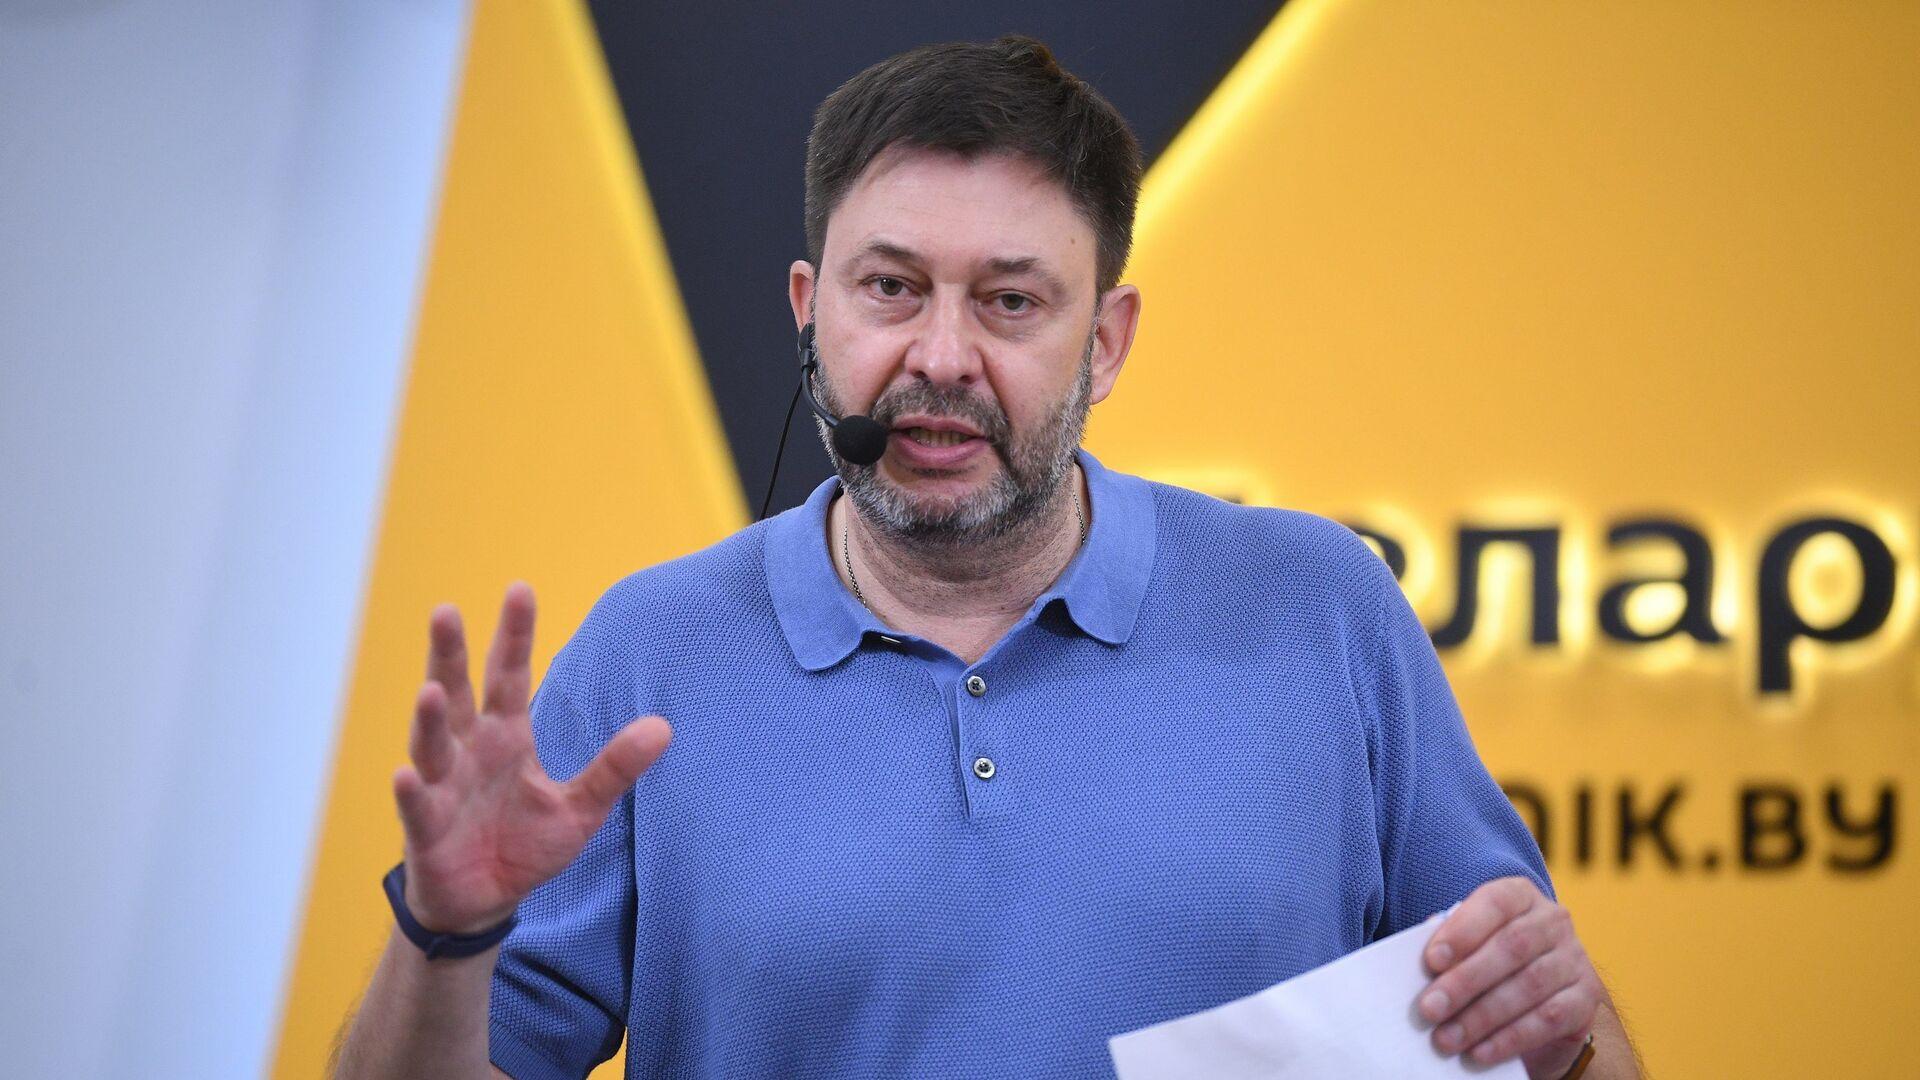 Исполнительный директор МИА Россия сегодня Кирилл Вышинский - Sputnik Беларусь, 1920, 24.06.2021